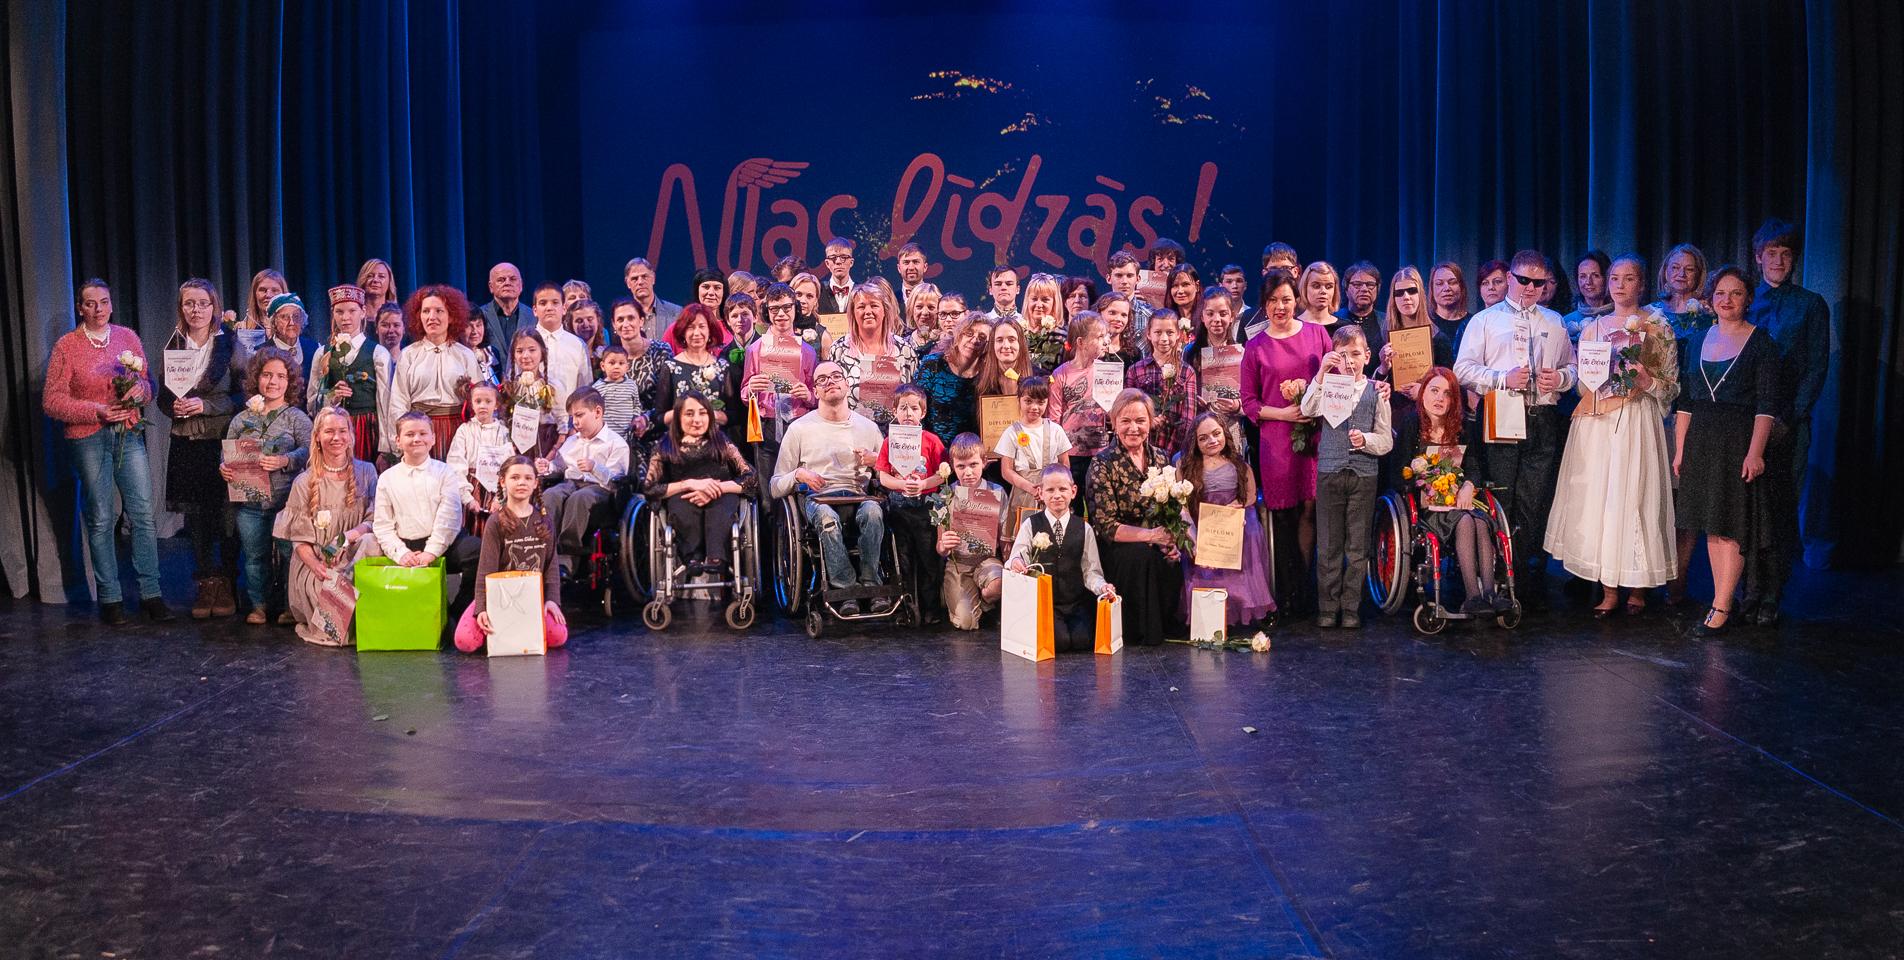 """XXII Integratīvais mākslas festivāls """"Nāc Līdzās!"""" VEF Kultūras namā Rīgā 2018. gada 05. aprīlī."""